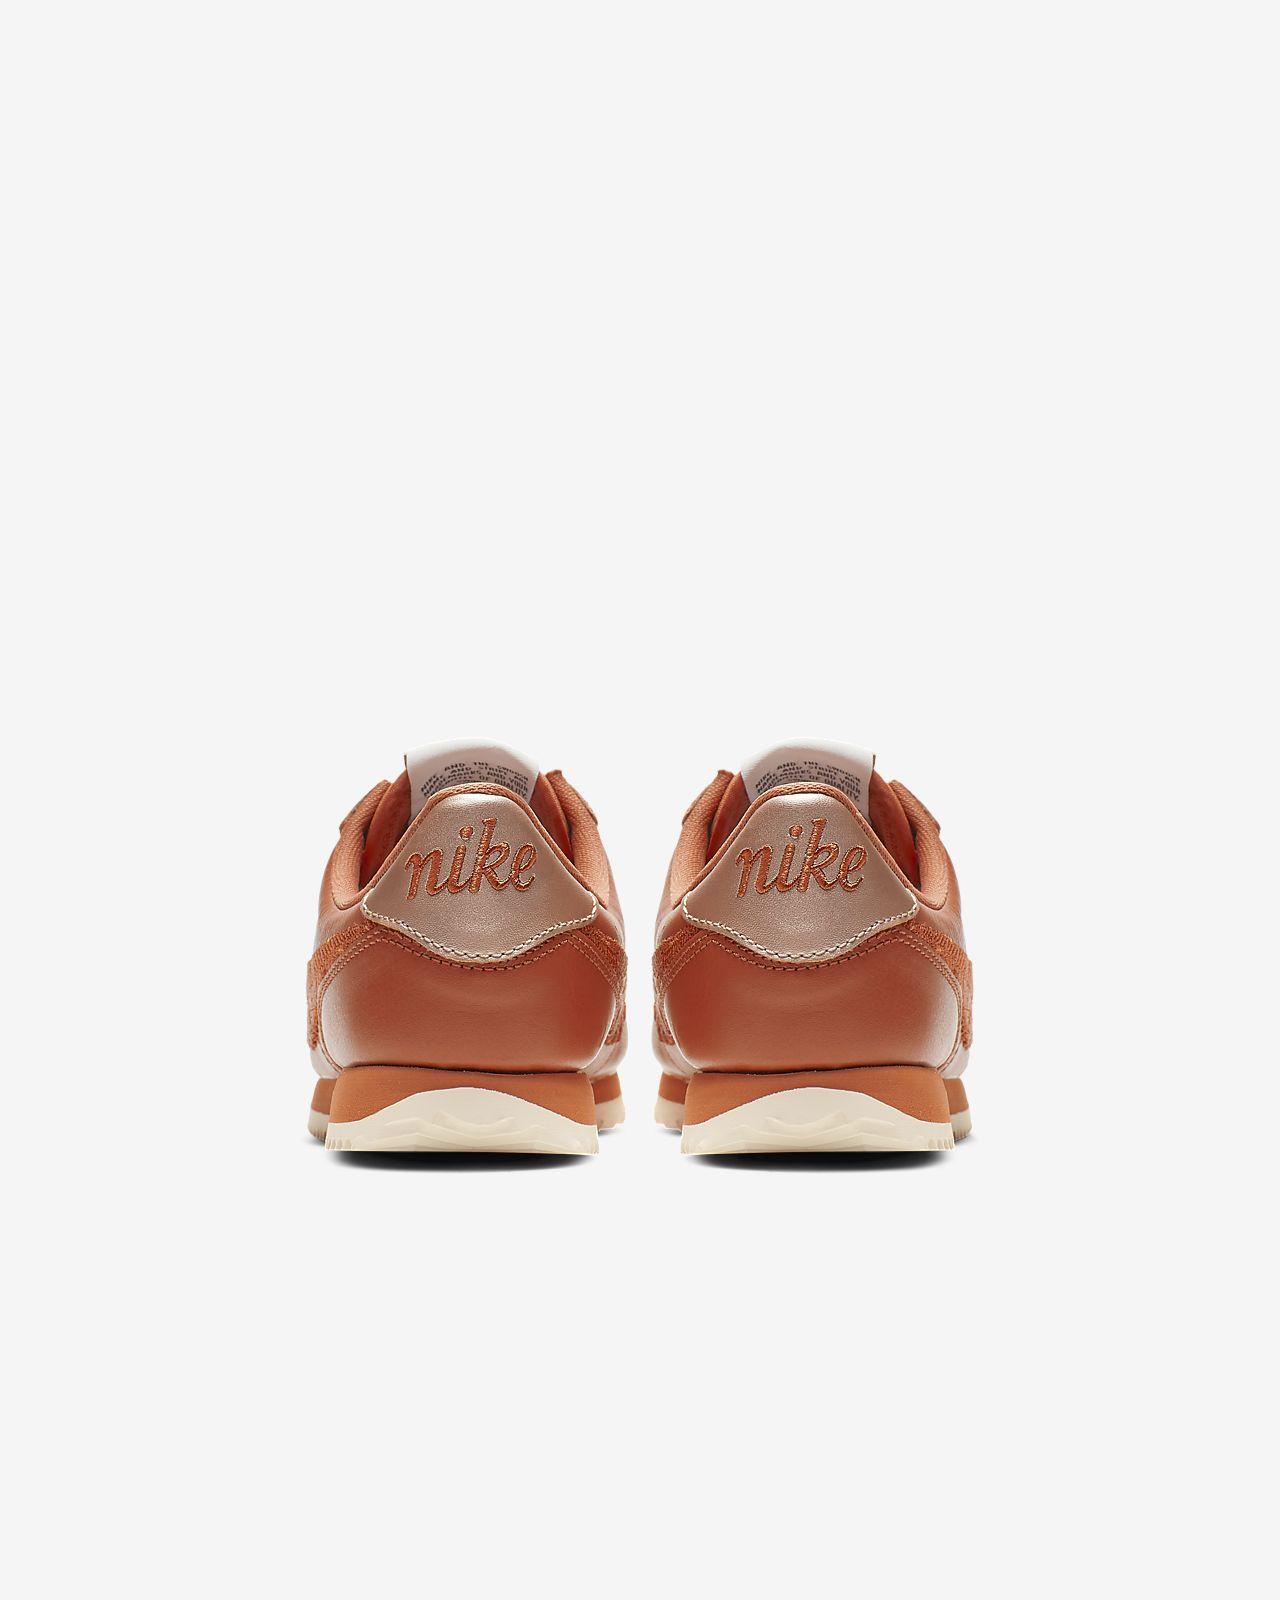 buy online c8c57 ce044 ... Chaussure Nike Cortez Basic Premium Embroidered pour Enfant plus âgé